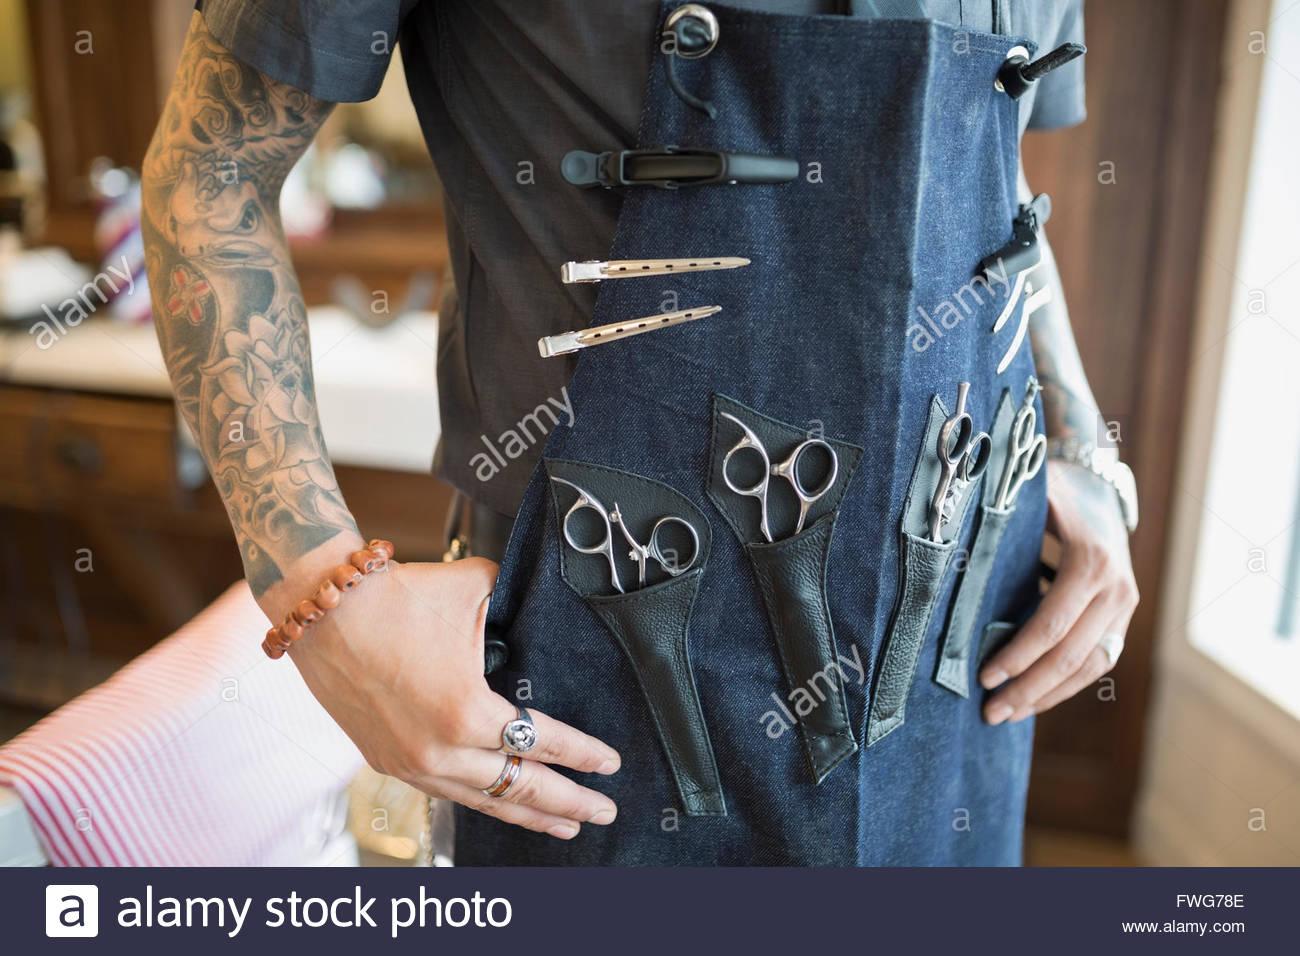 Mittelteil tätowiert Friseur trägt Schürze mit Werkzeugen Stockbild